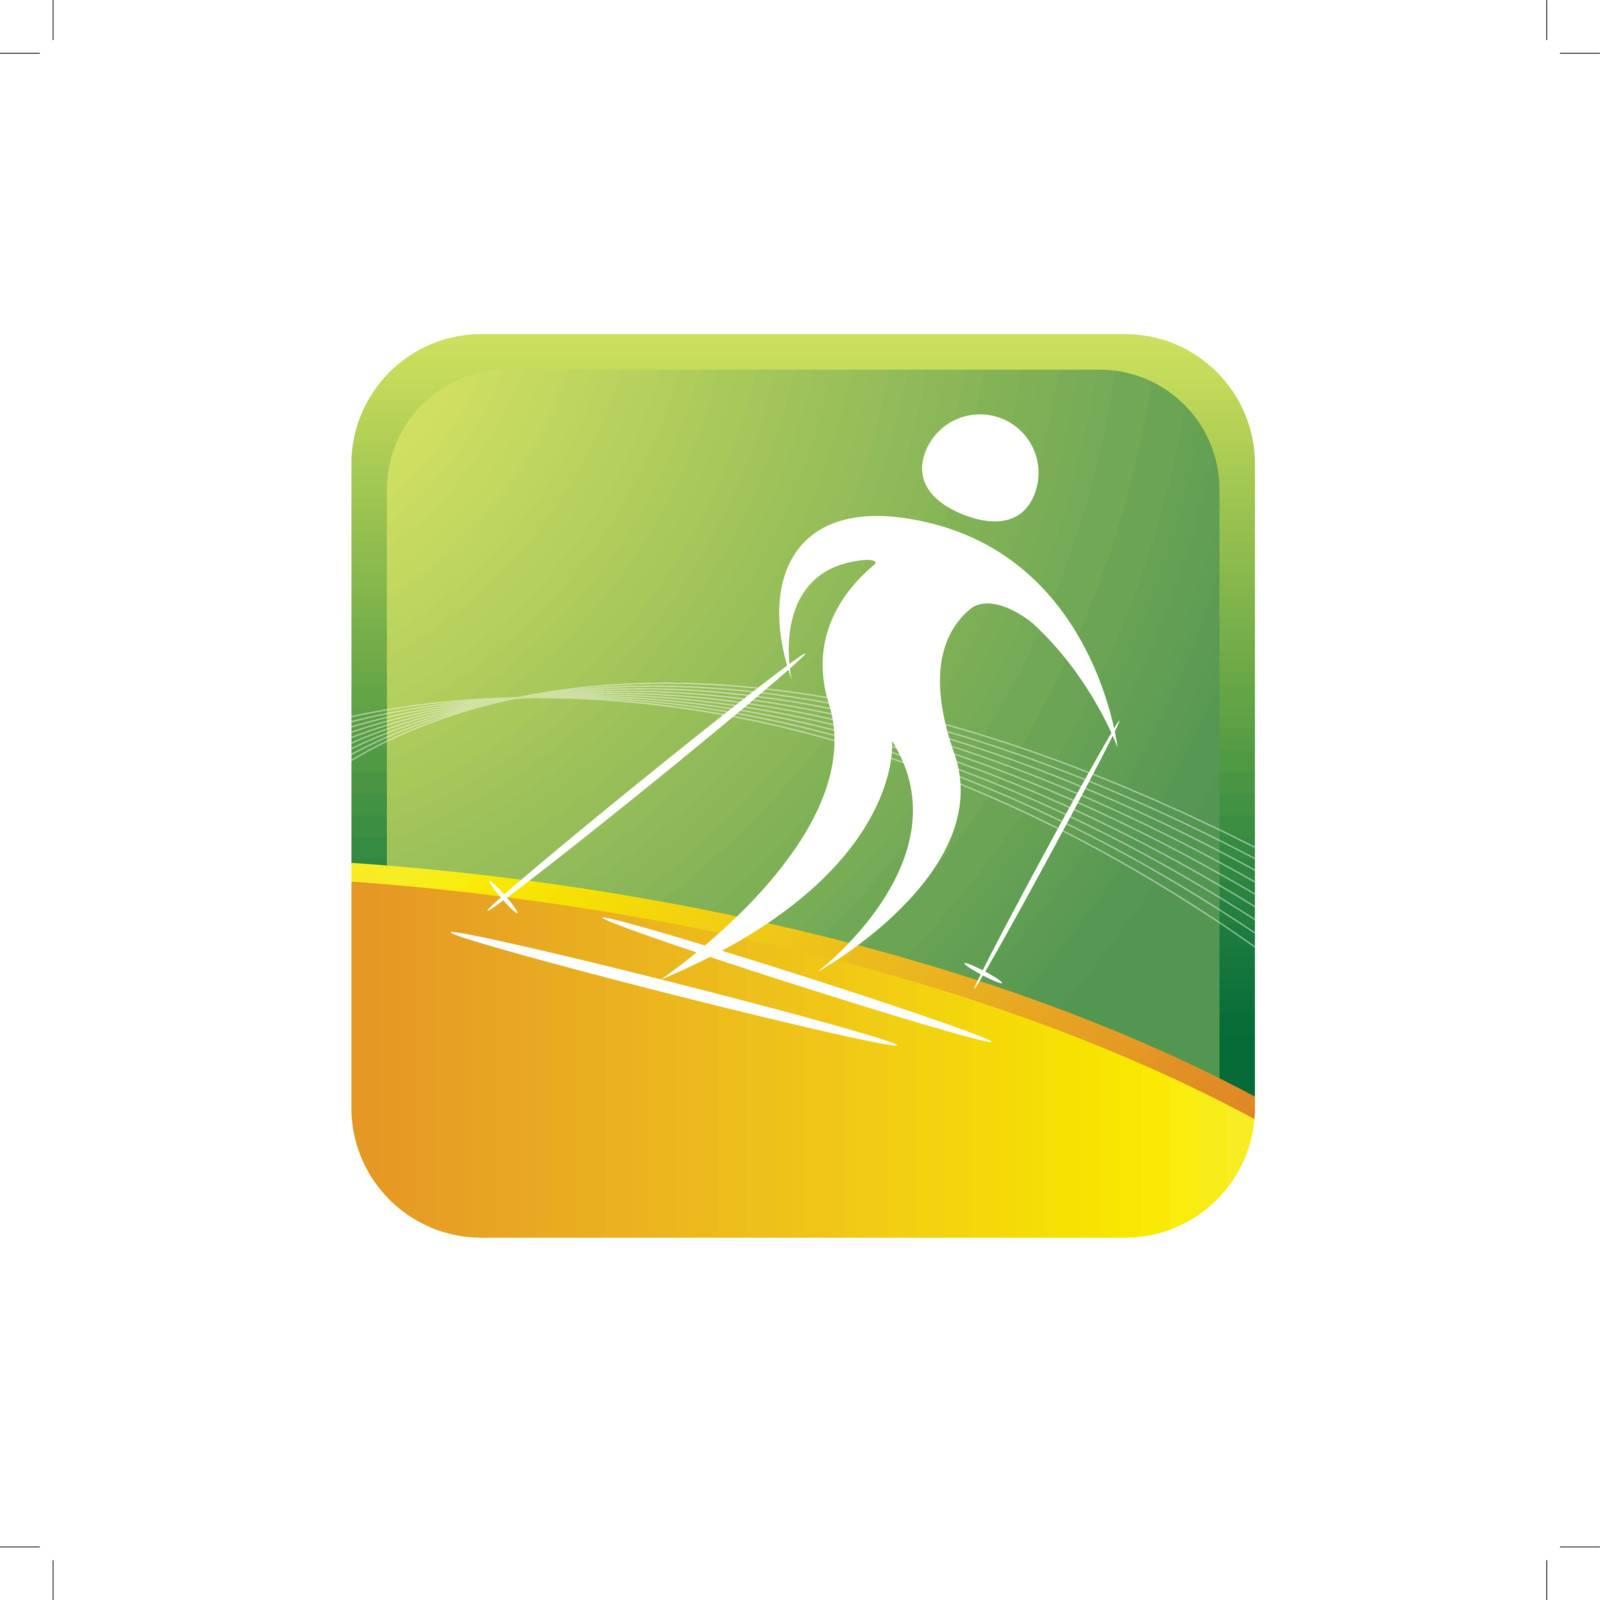 human skiing using gear